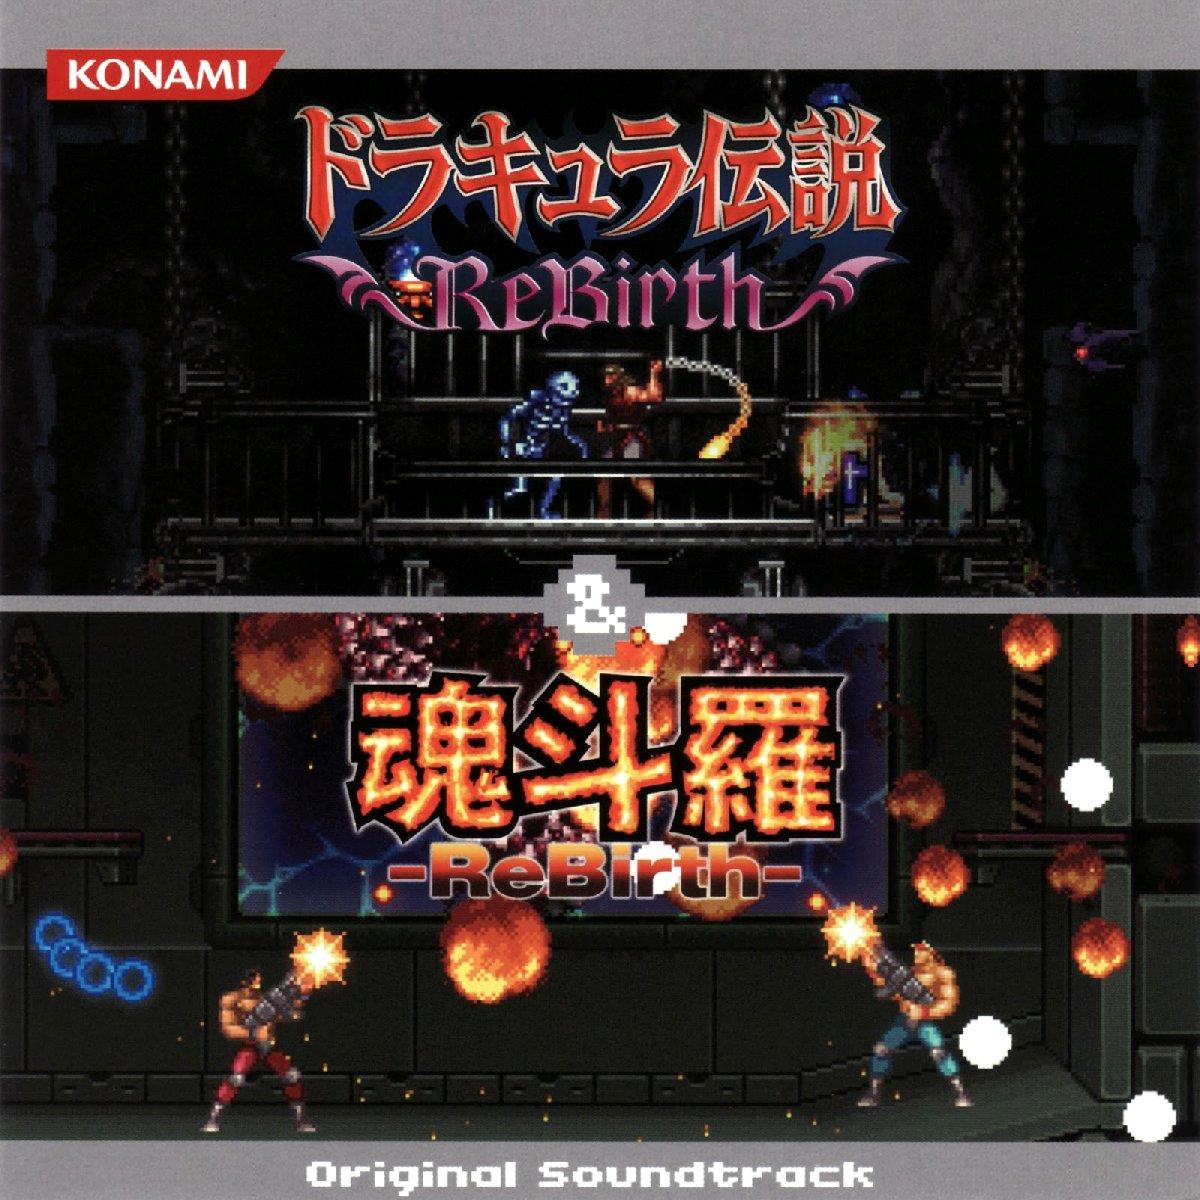 File:Adventure-Contra ReBirth OST Cover.jpg